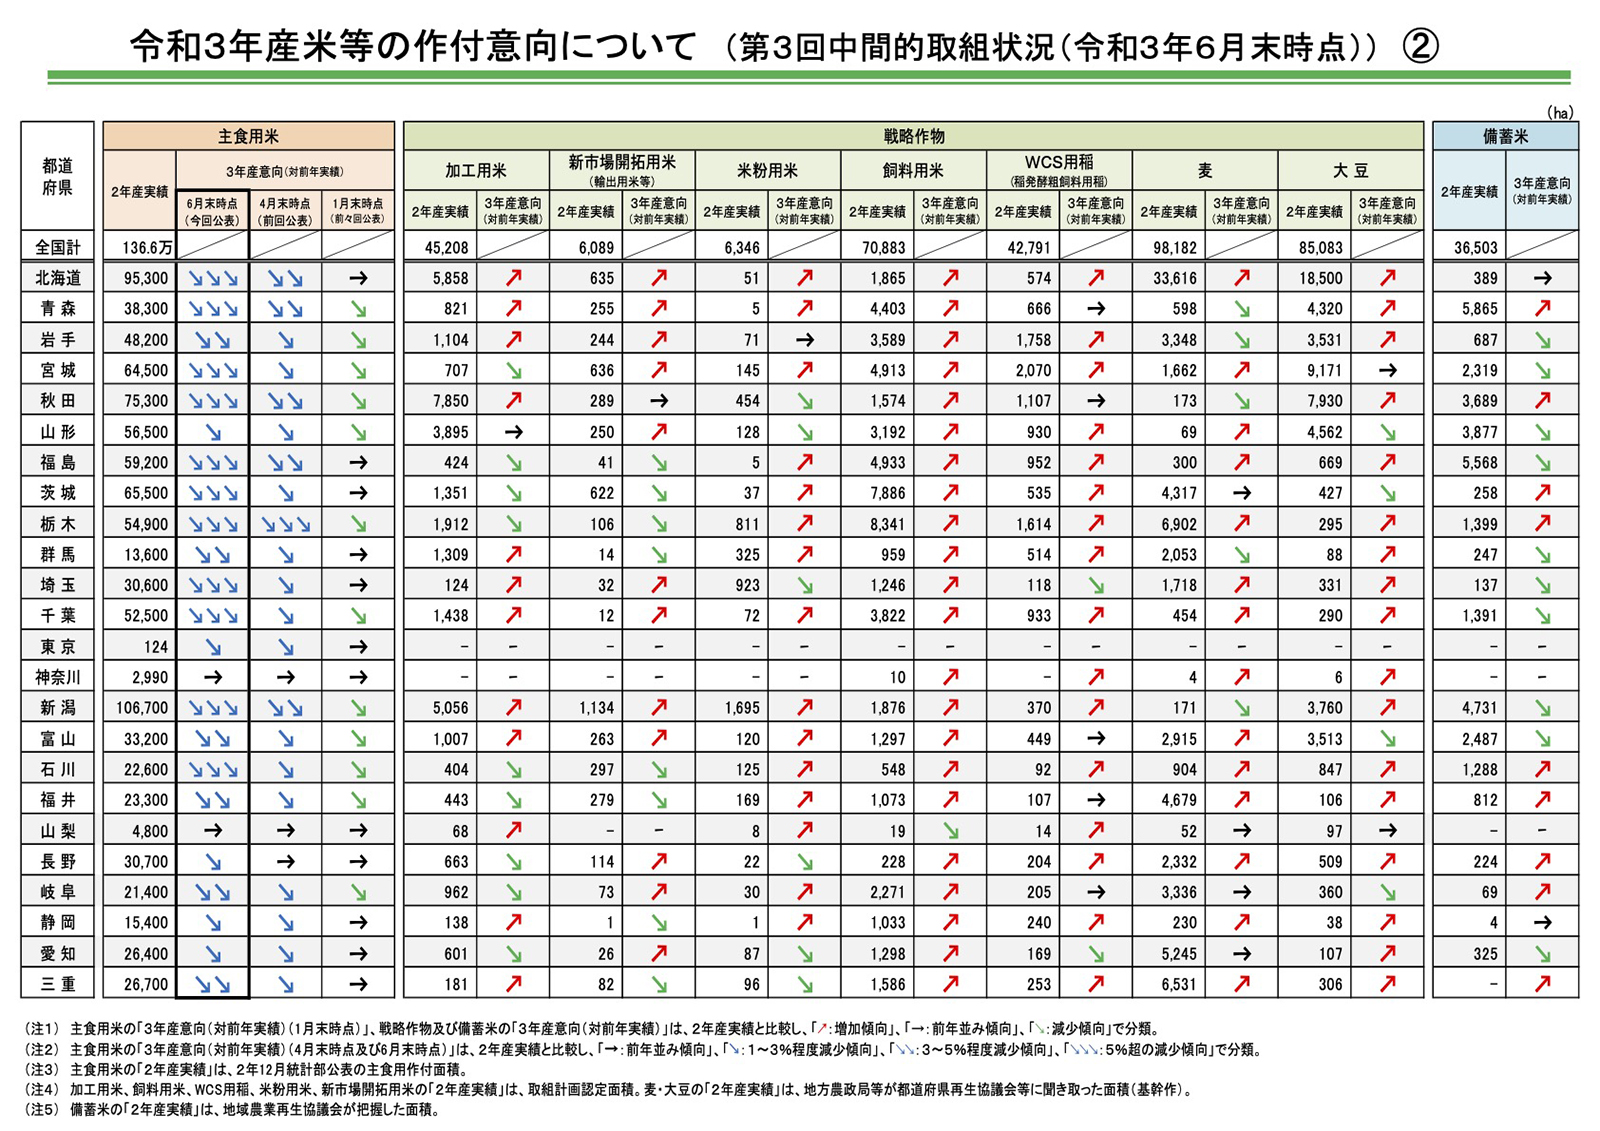 都道府県別データ